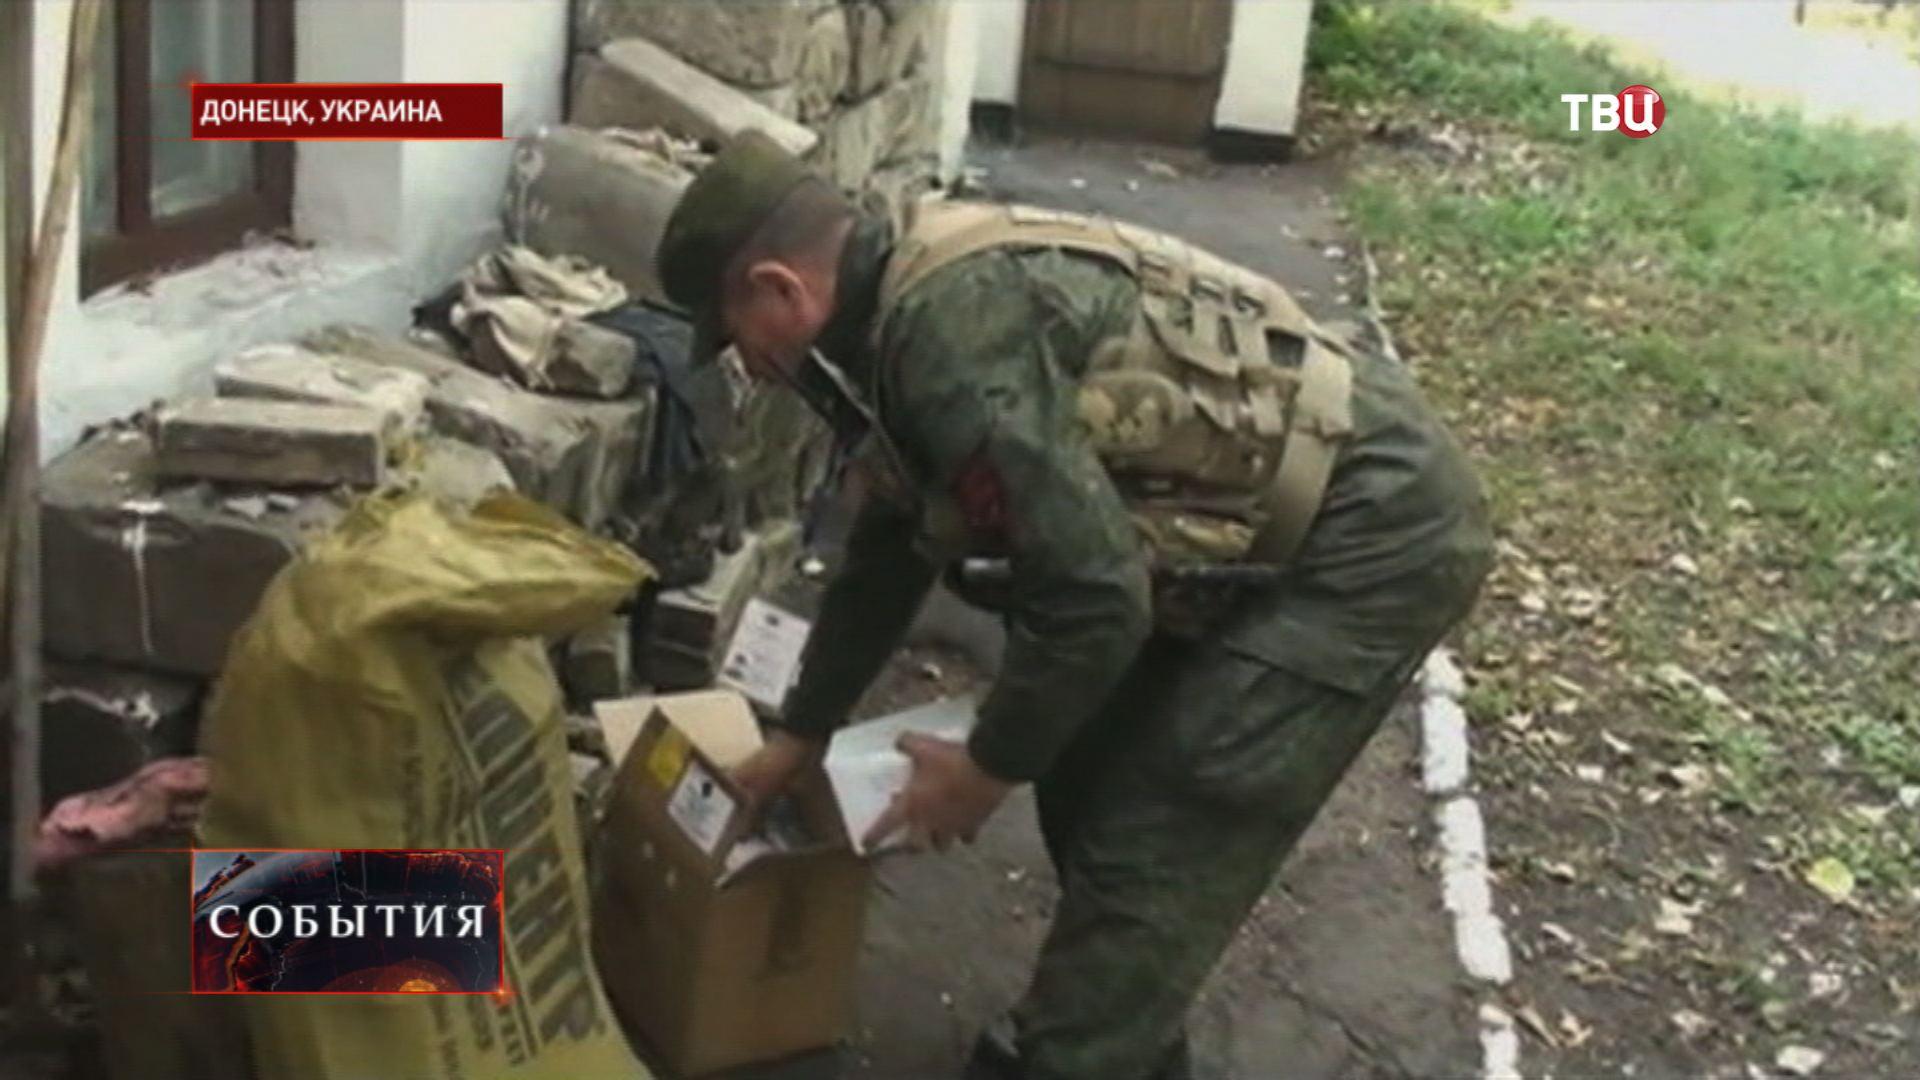 Гуманитарная помощь для жителей Донецка